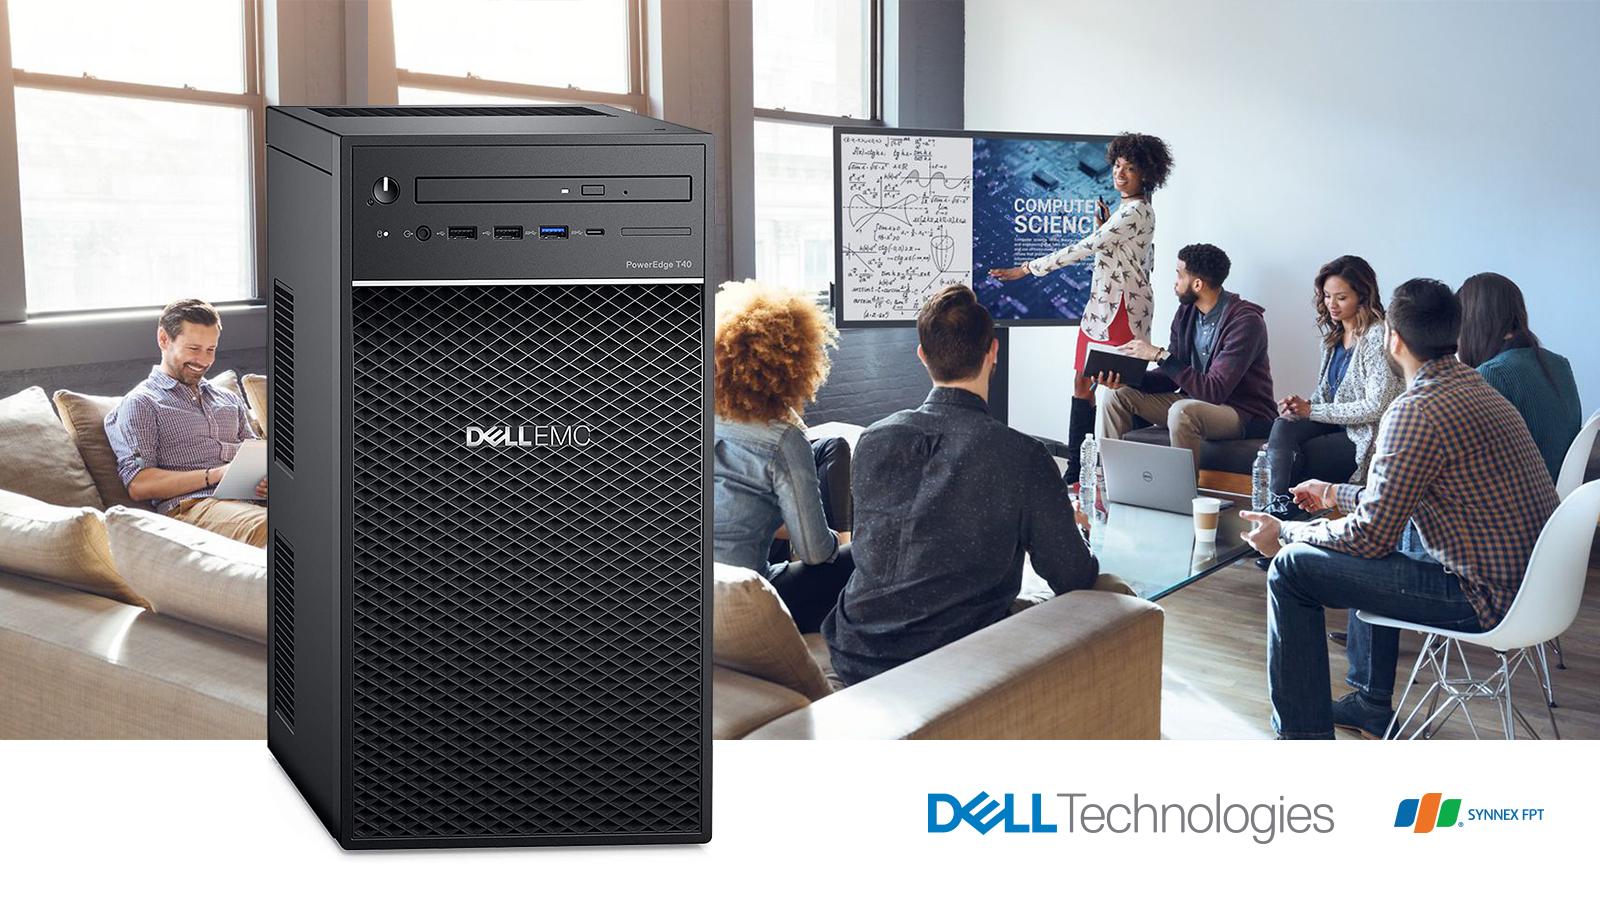 Dell EMC PowerEdge T40 Tower Server